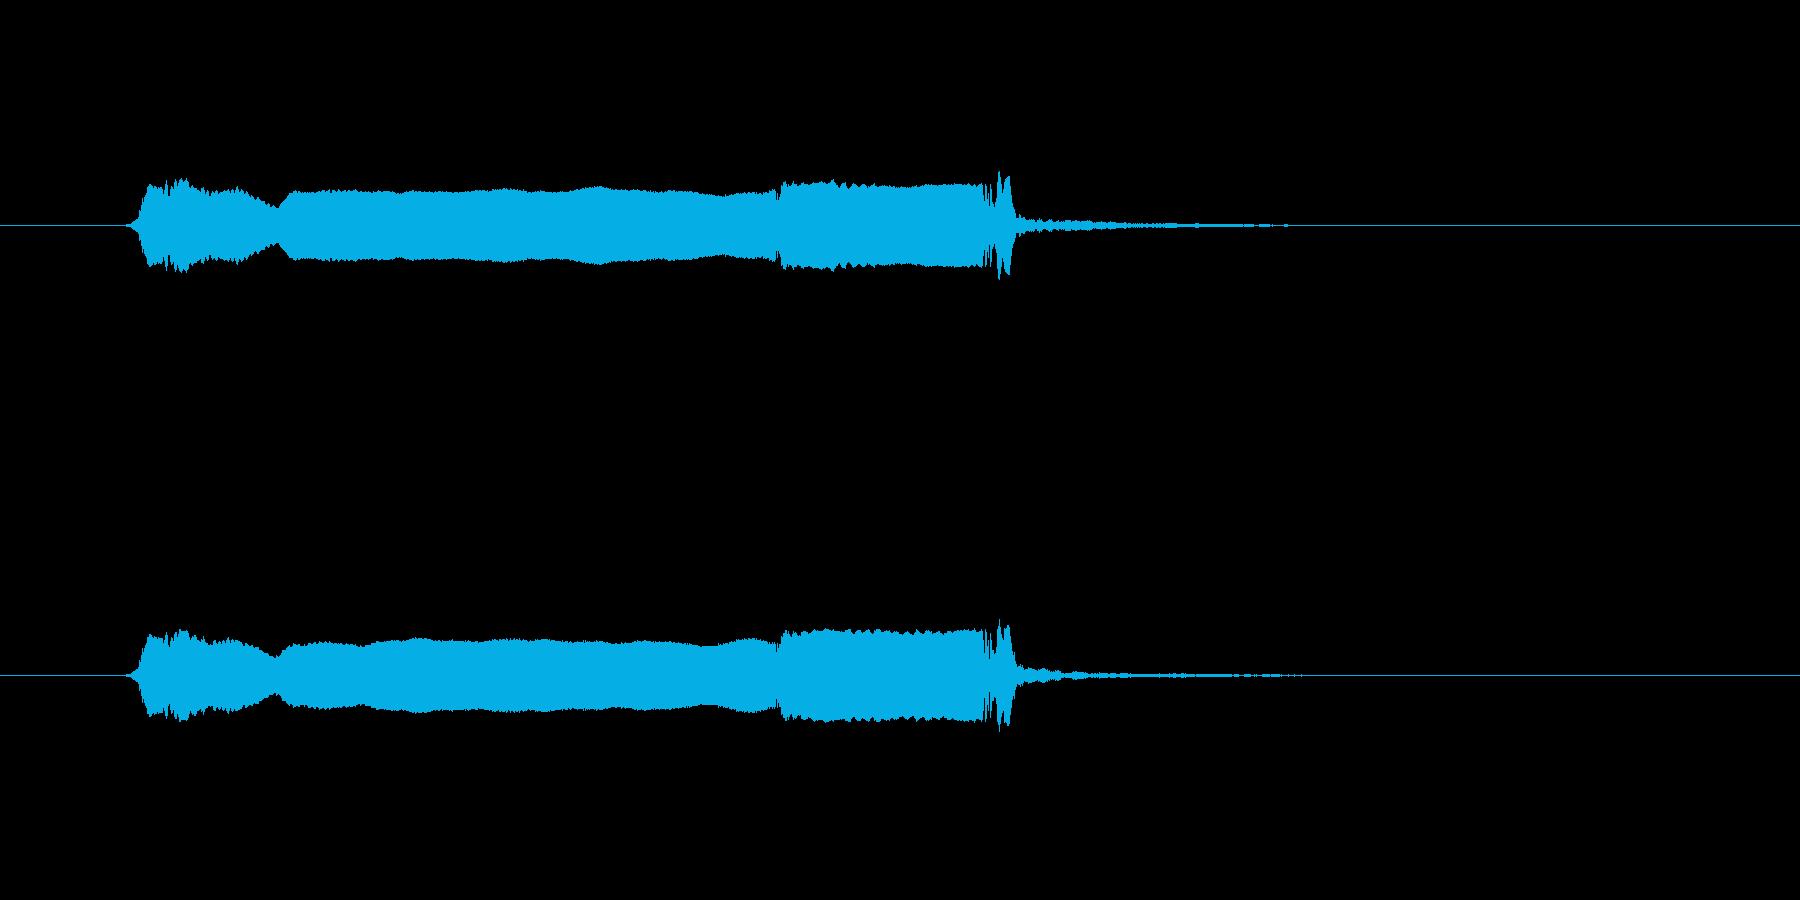 和風 篠笛生演奏のジングル01の再生済みの波形